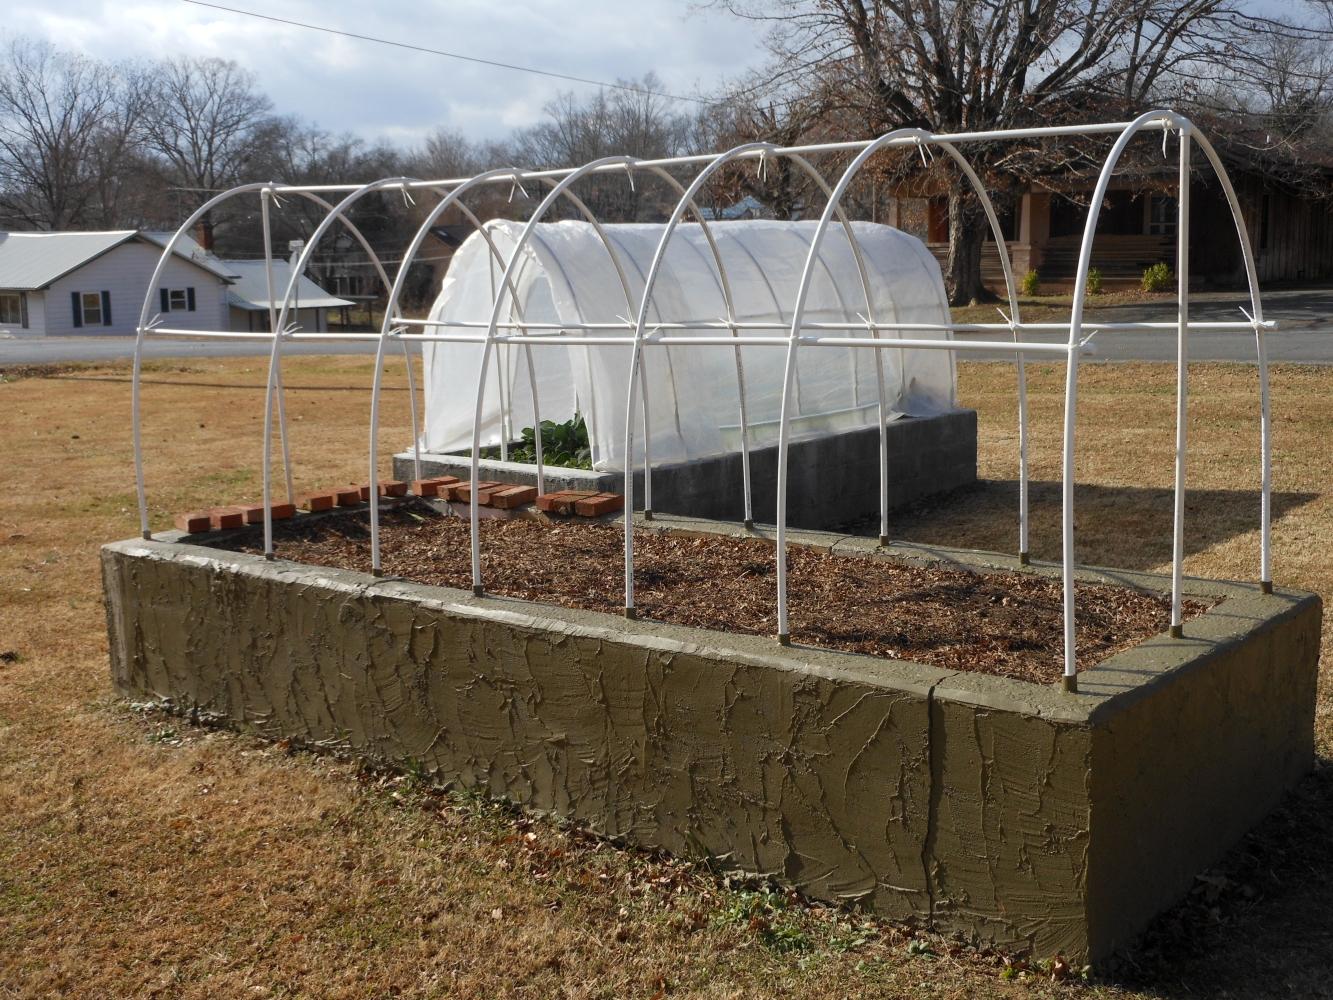 12-01-2014 New Hoop Frame in Original Garden 01